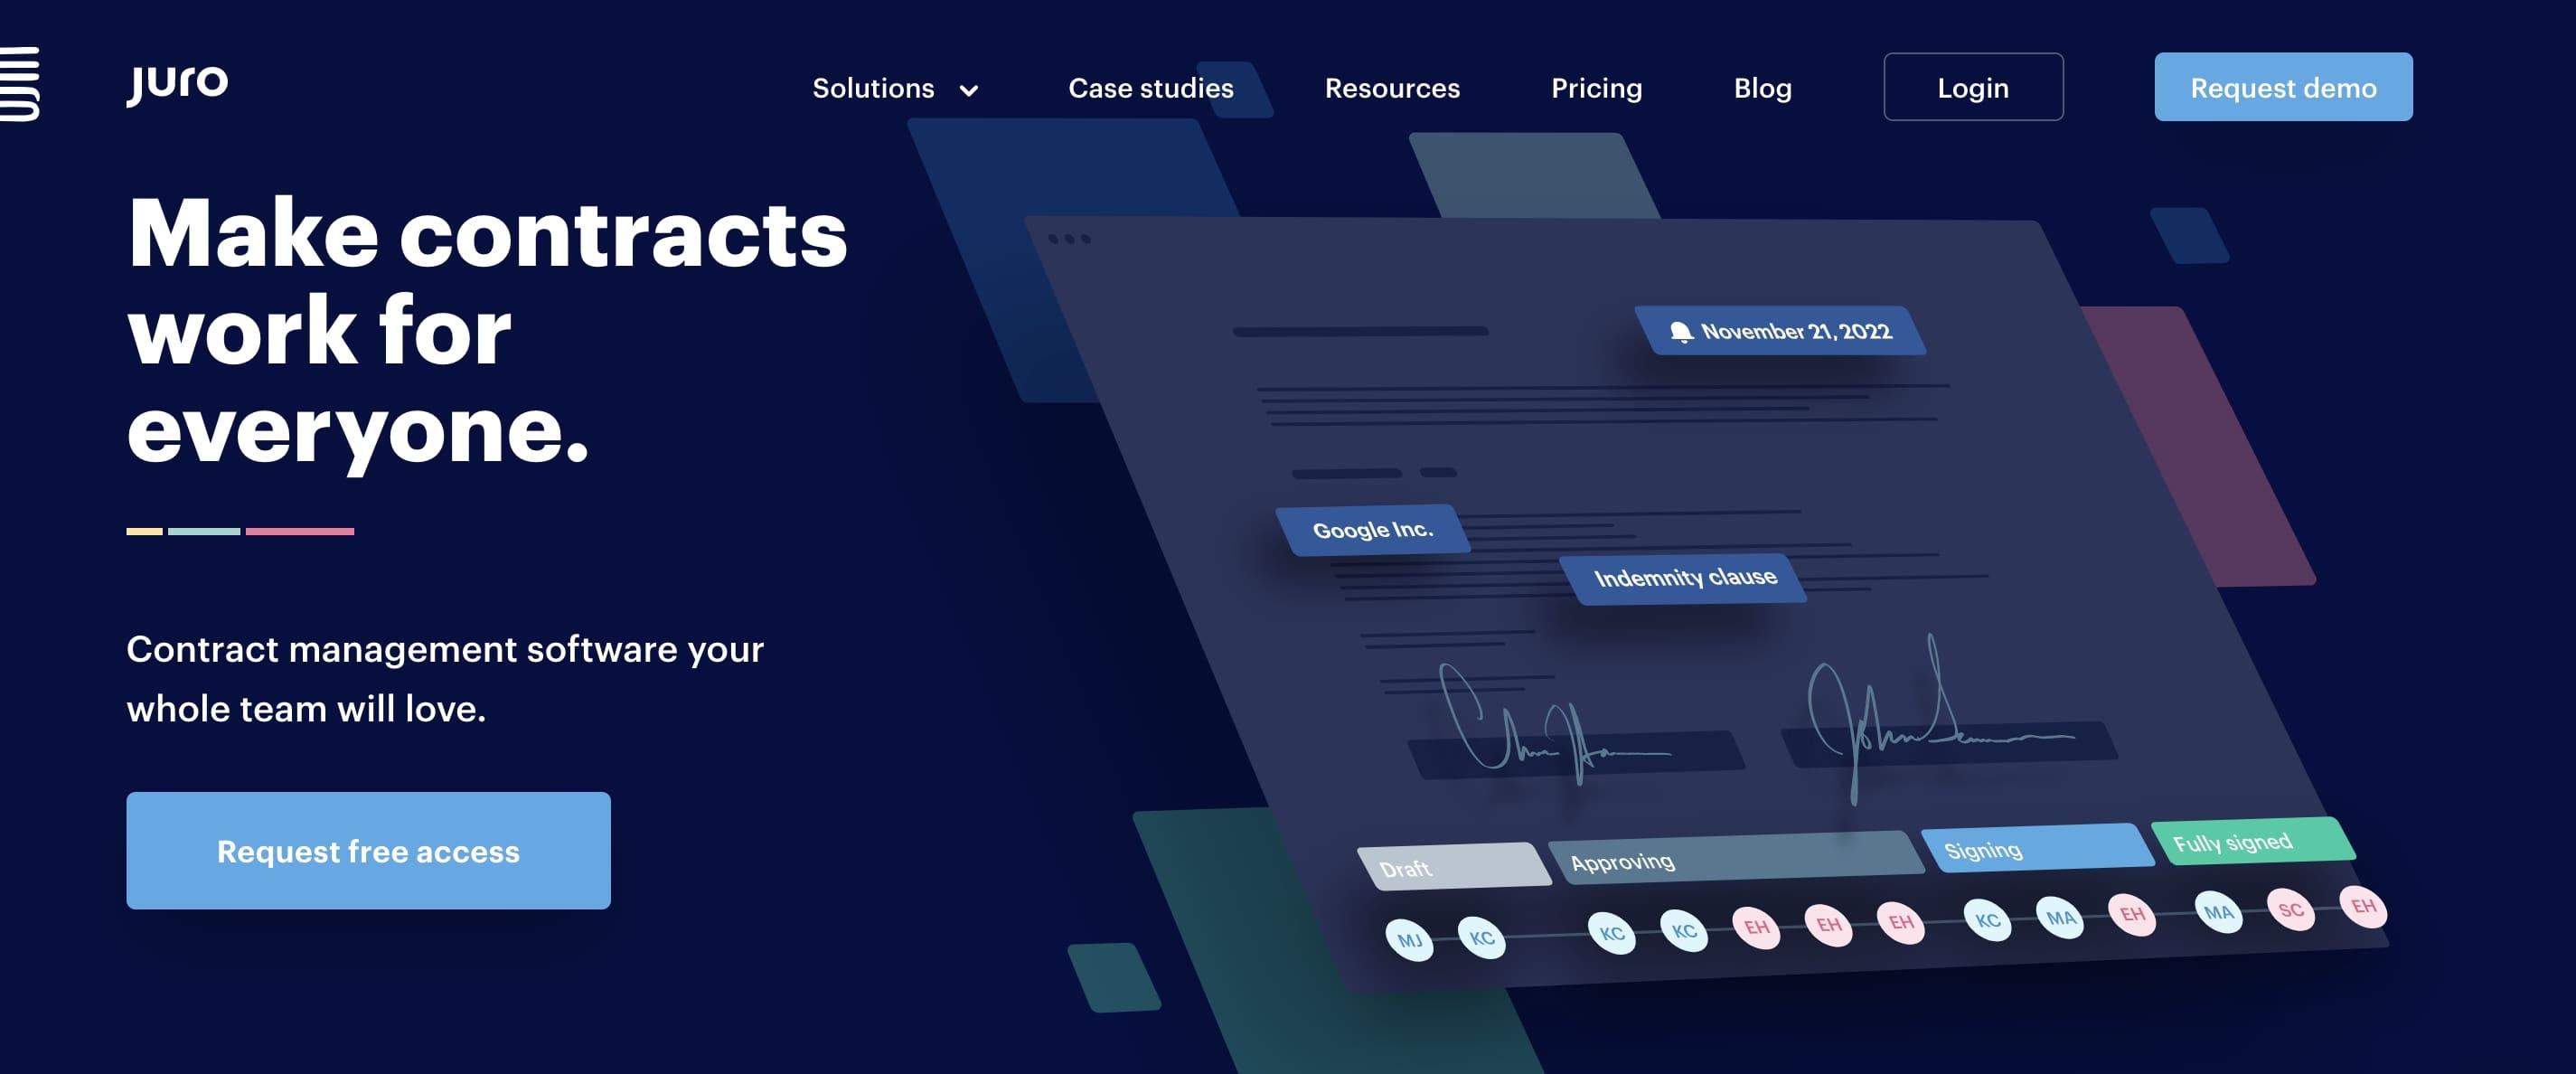 Juro AI company website homepage